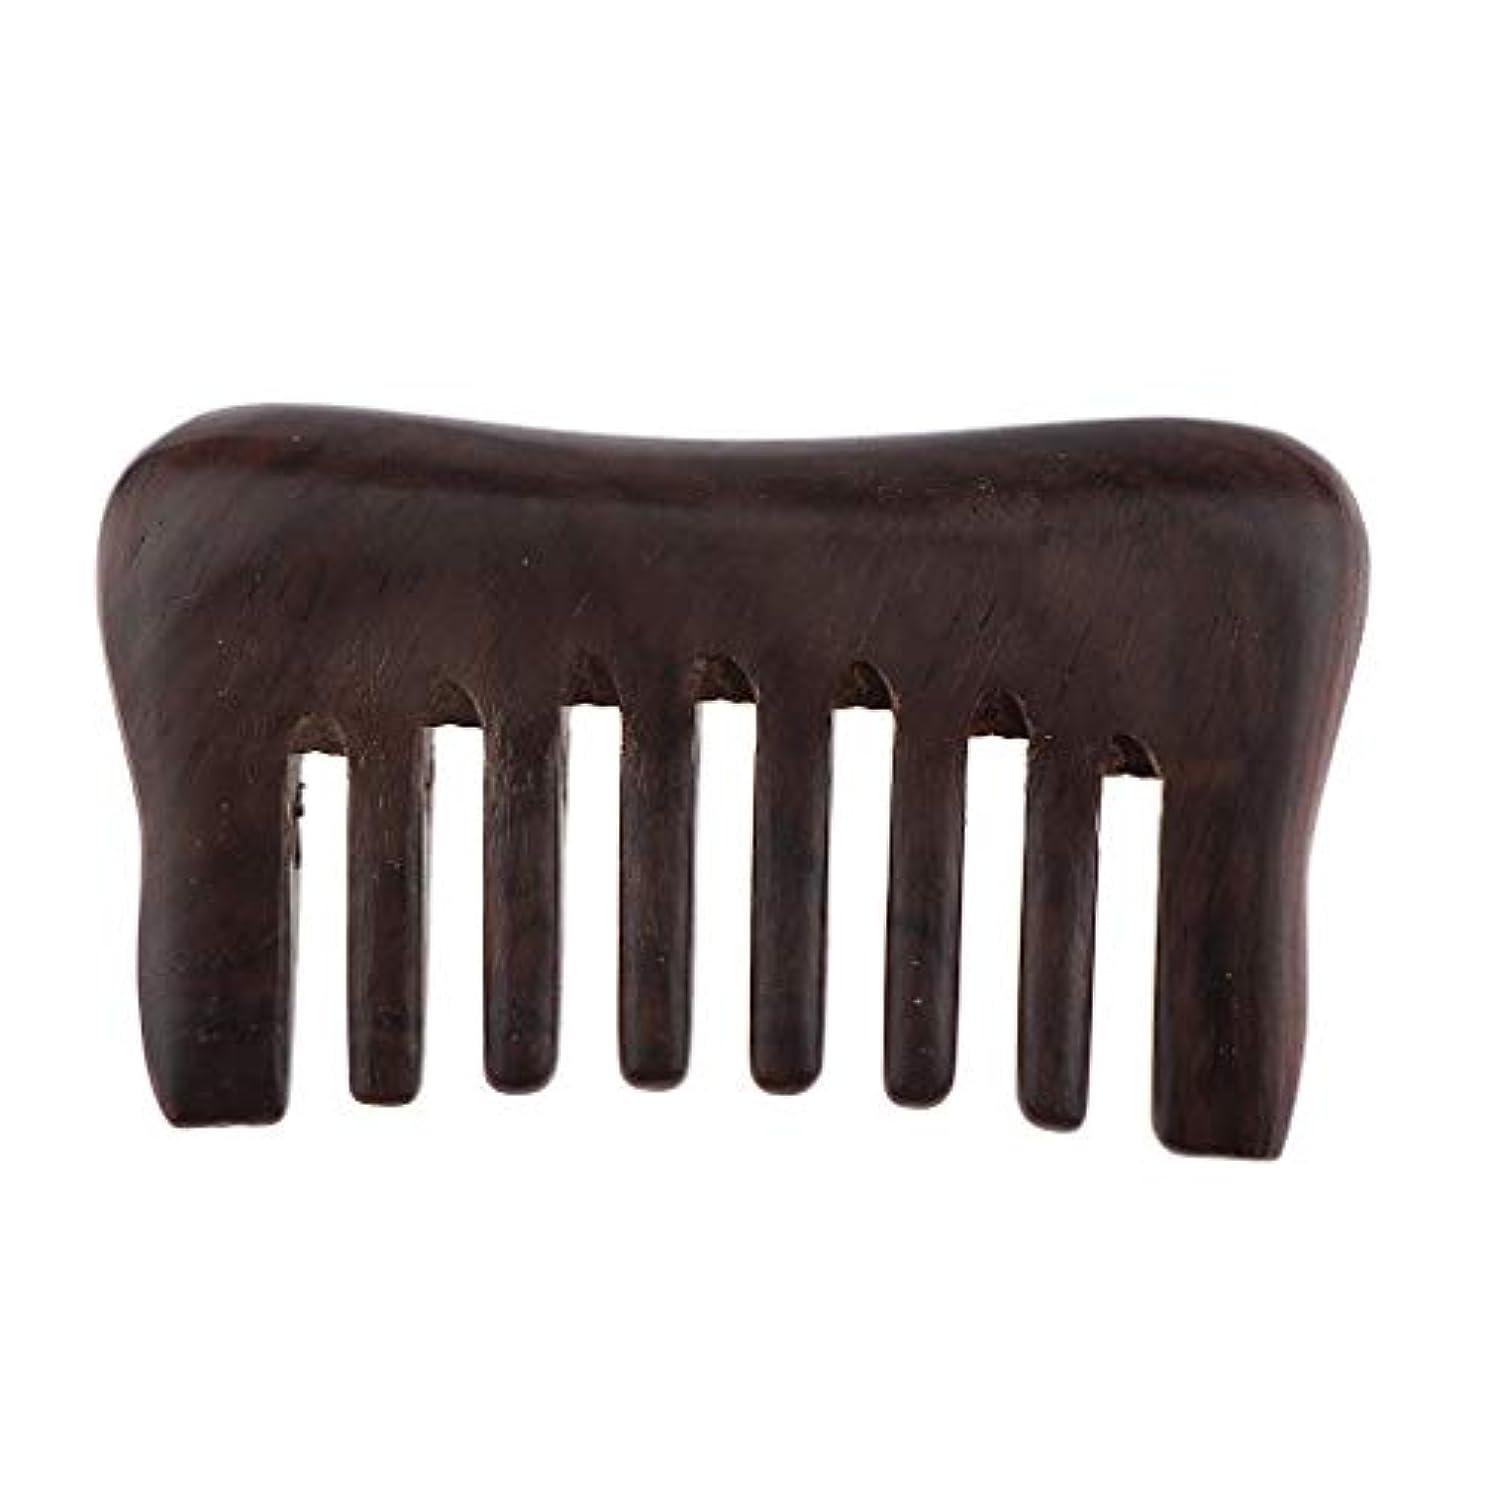 米ドル比較。ヘアコーム 木製櫛 頭皮マッサージ ヘアブラシ 3色選べ - 黒檀